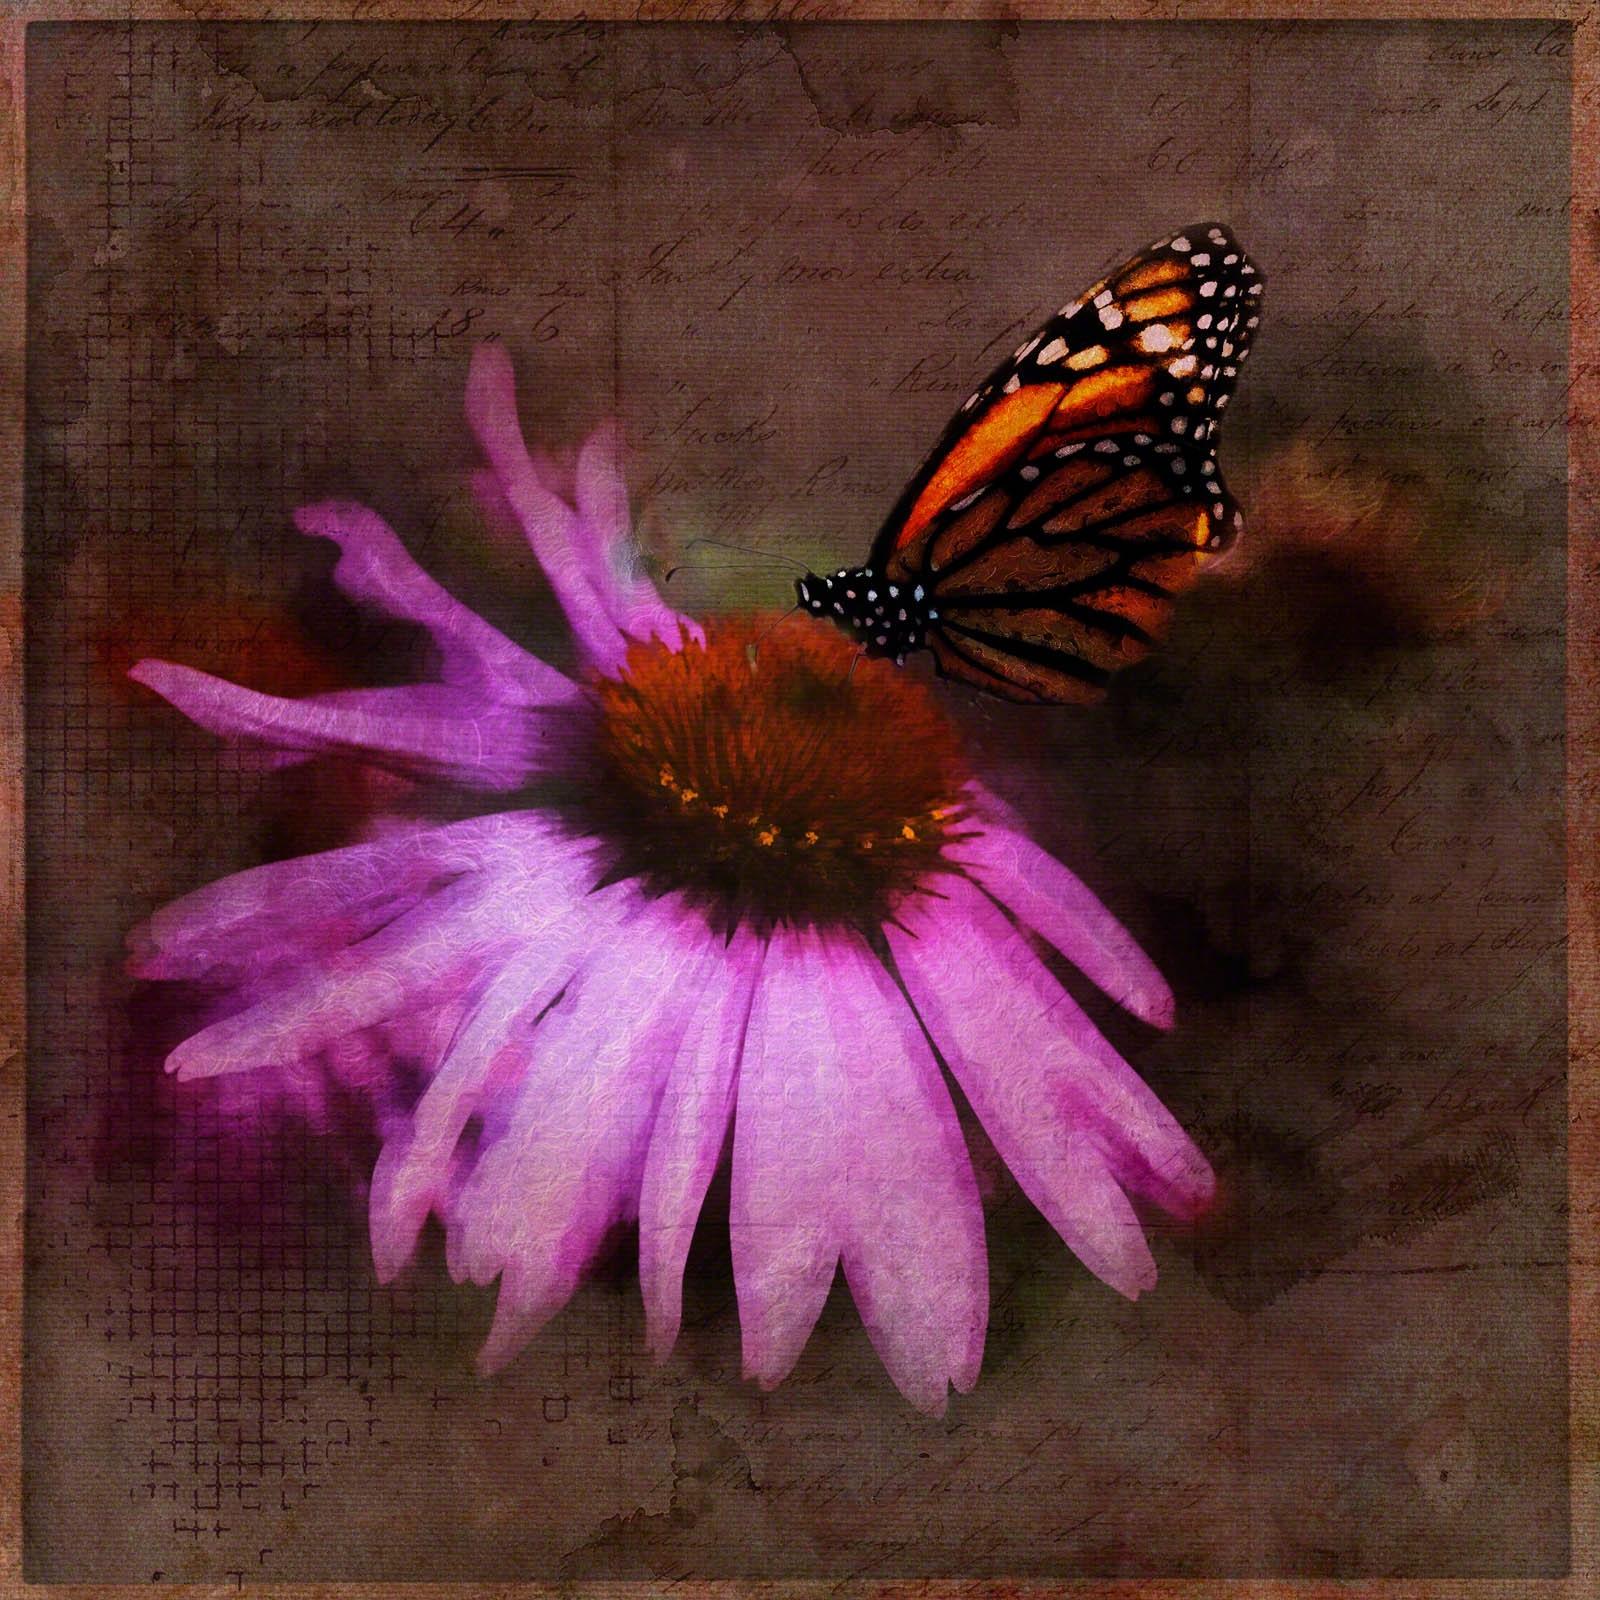 Digital Art: Butterfly